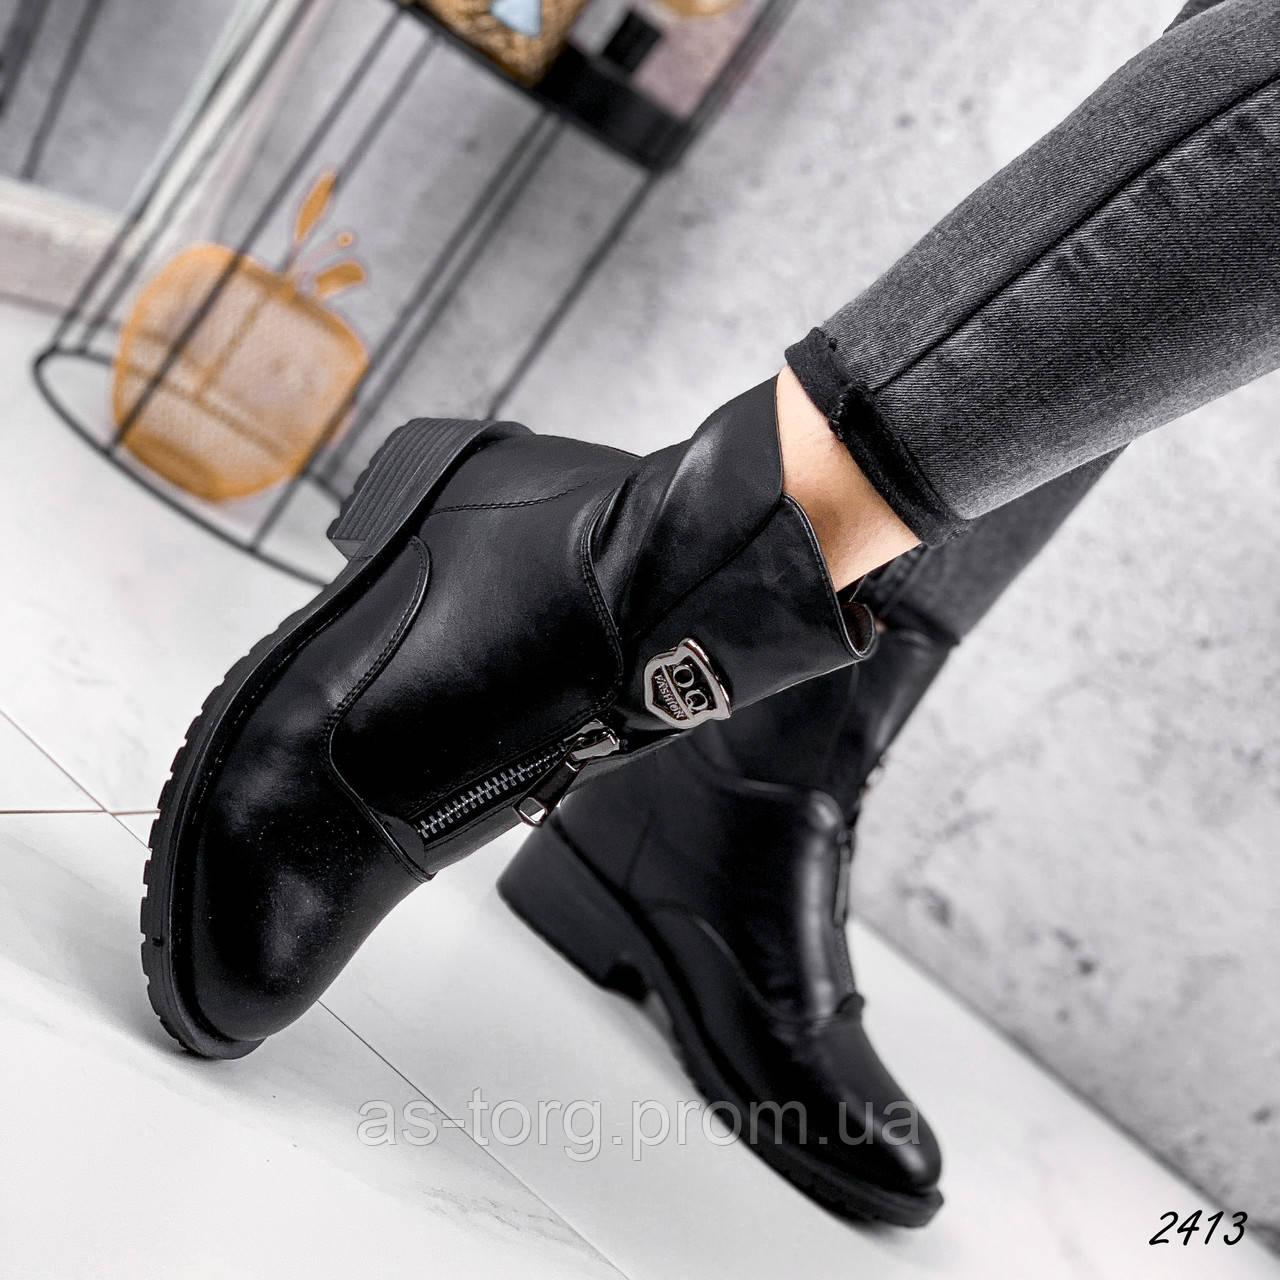 Черевики жіночі Dina чорні 2413 ЗИМА